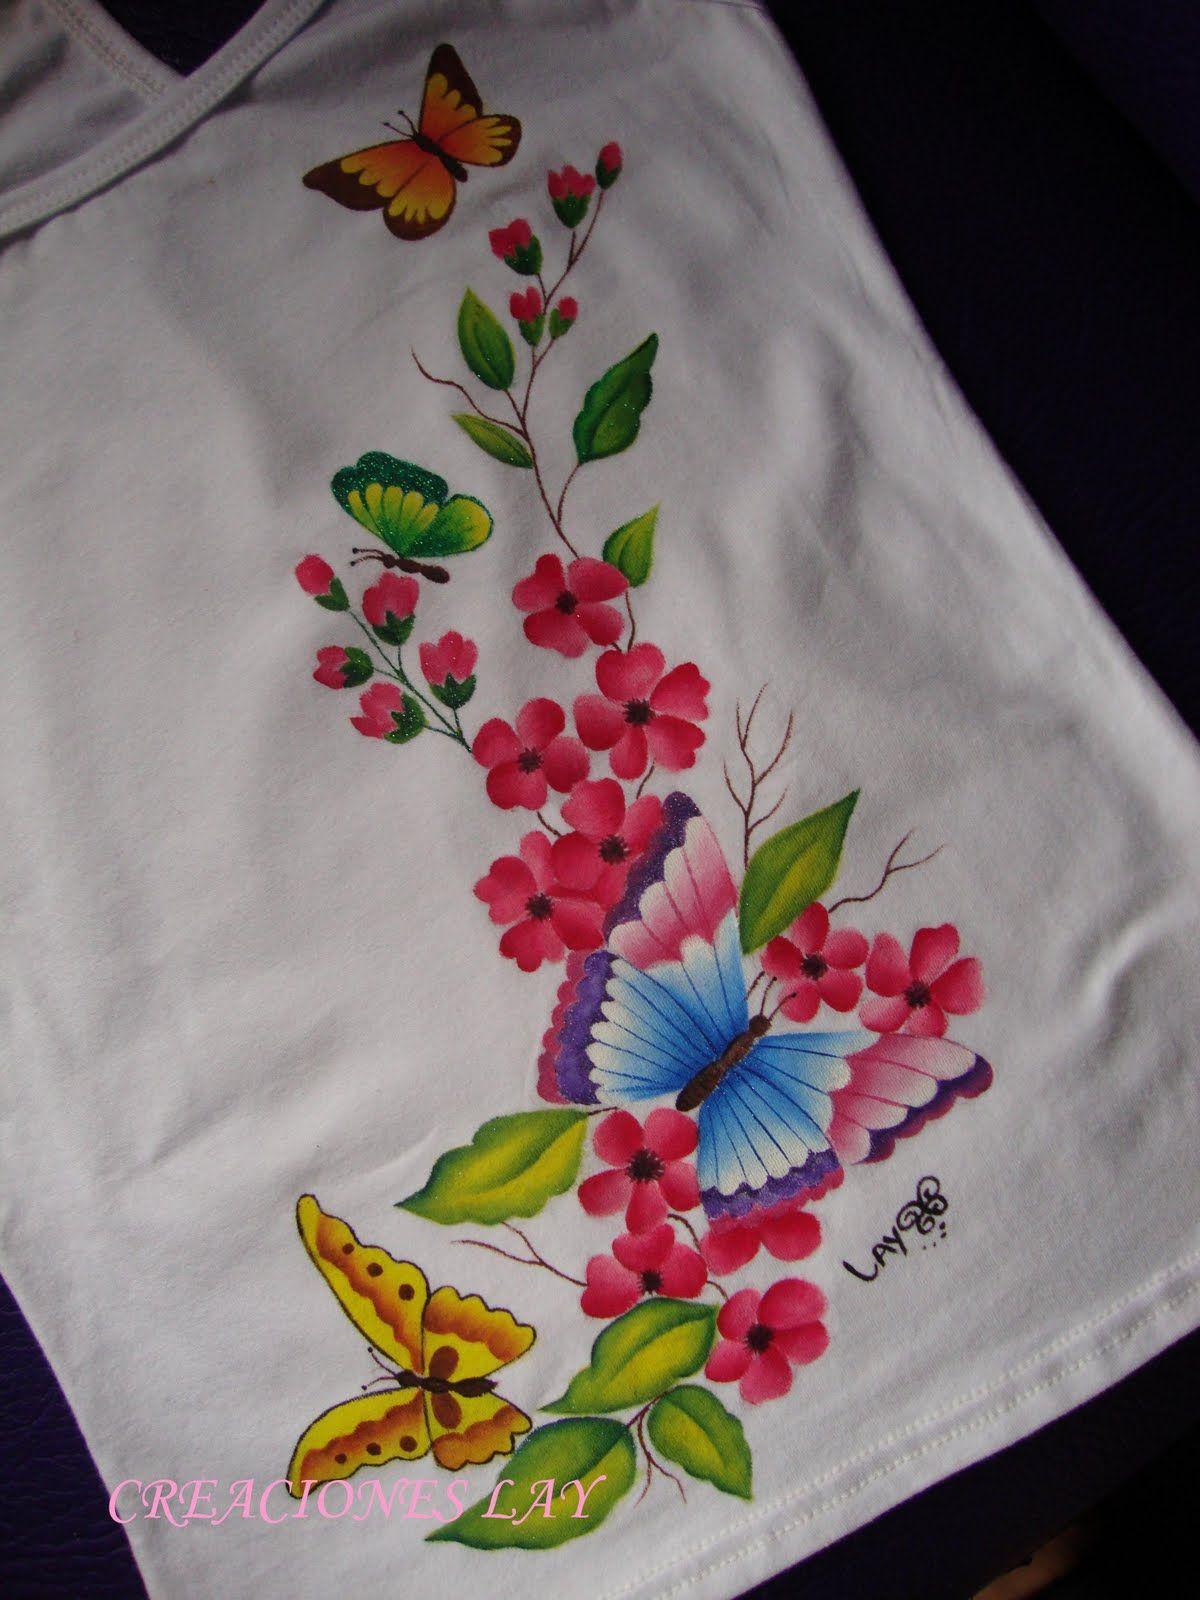 Creaciones lay mariposas y flores pintar blusa - Como pintar sobre tela ...